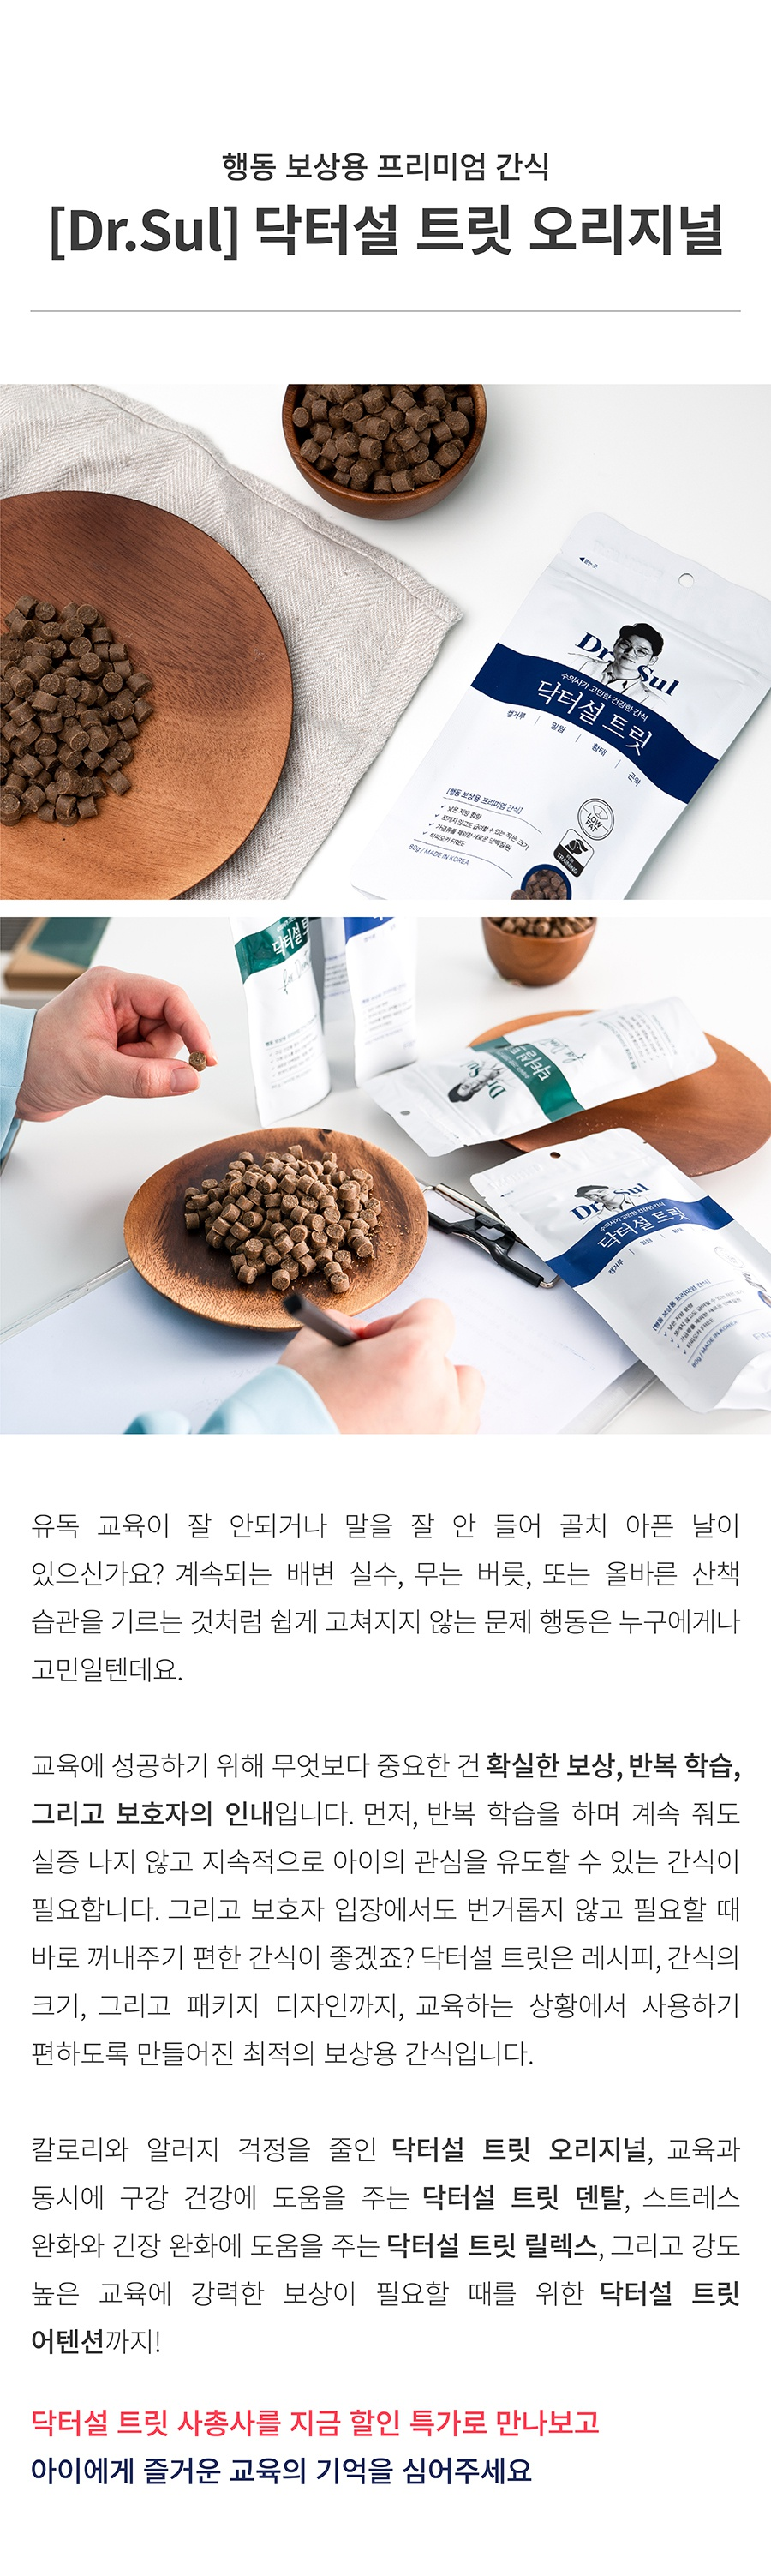 [오구오구특가]닥터설 트릿 오리지널 (6개세트)-상품이미지-2